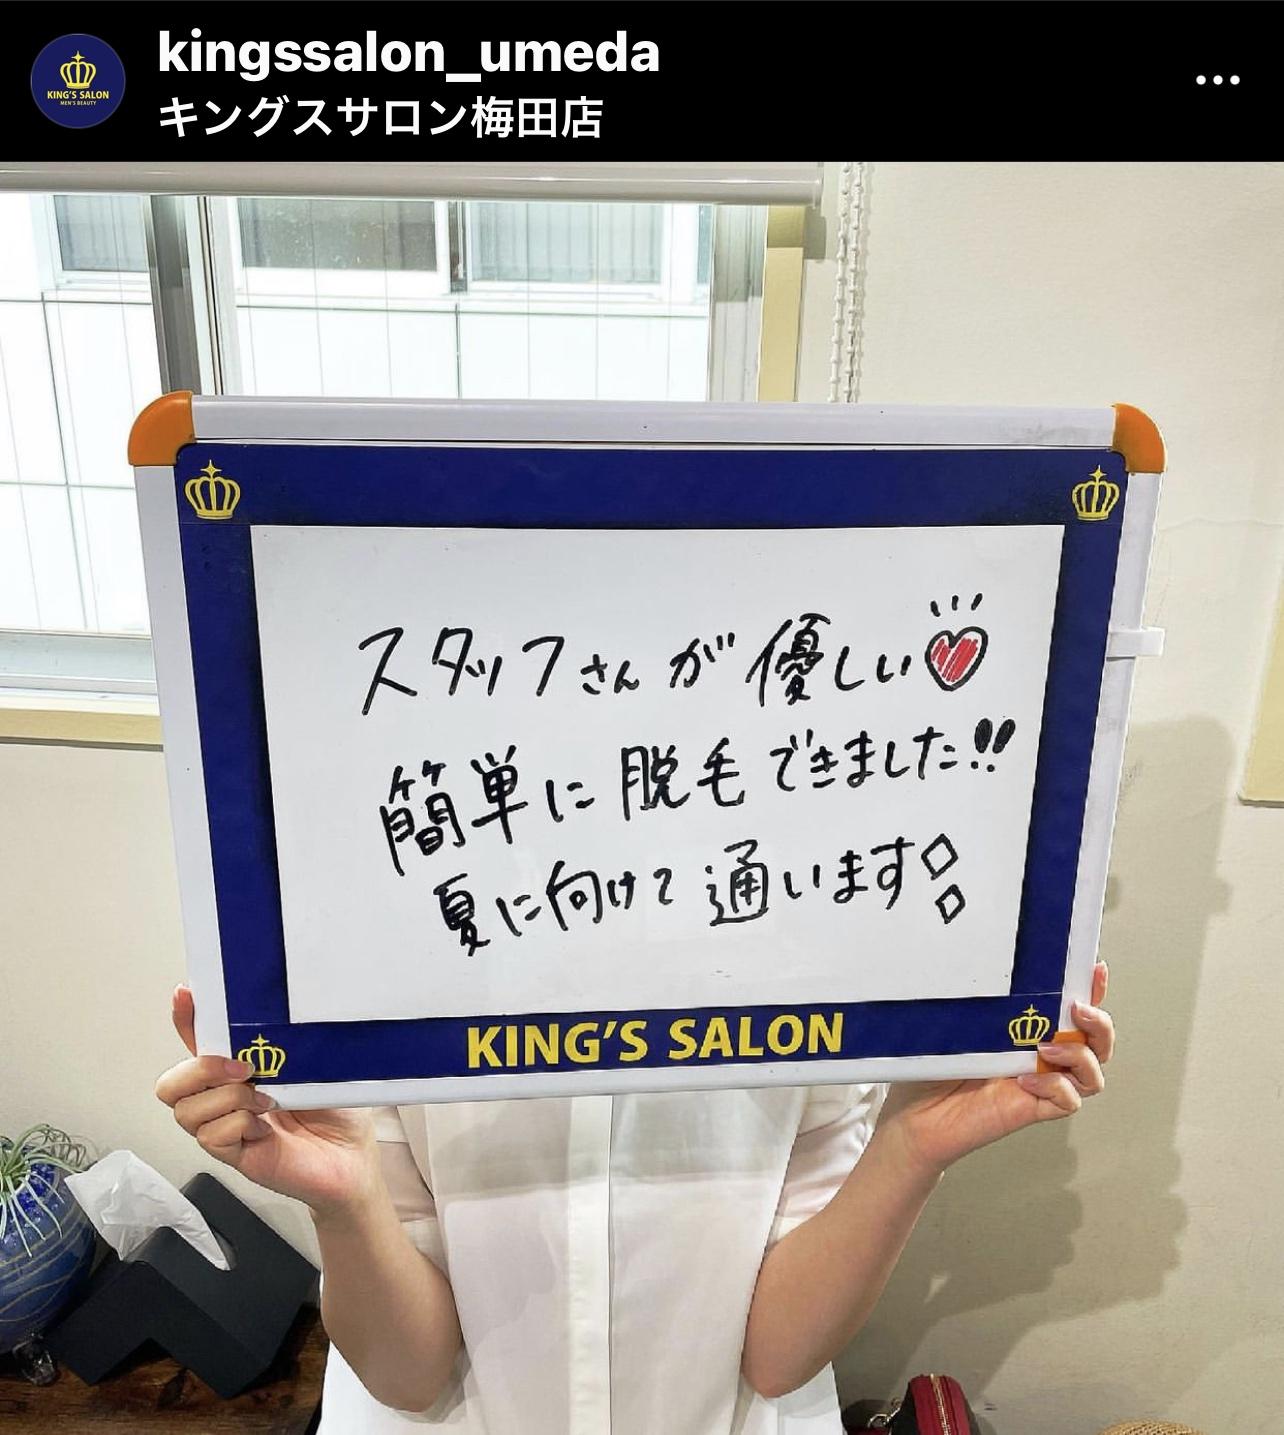 キングスサロン大阪梅田店 お客様の声 サムネイル画像